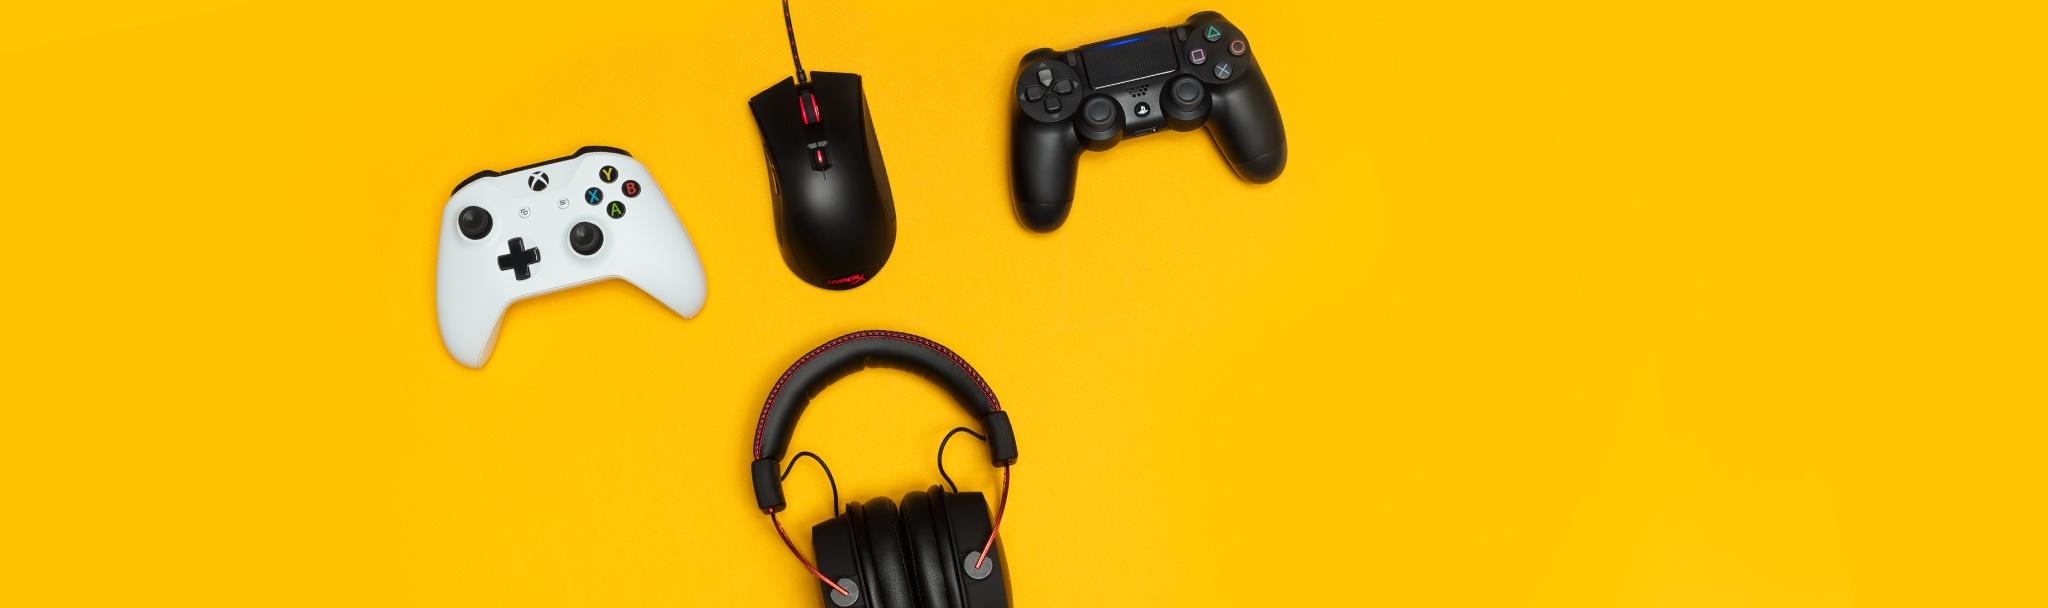 hx-keyfeatures-headset-alpha-5-lg